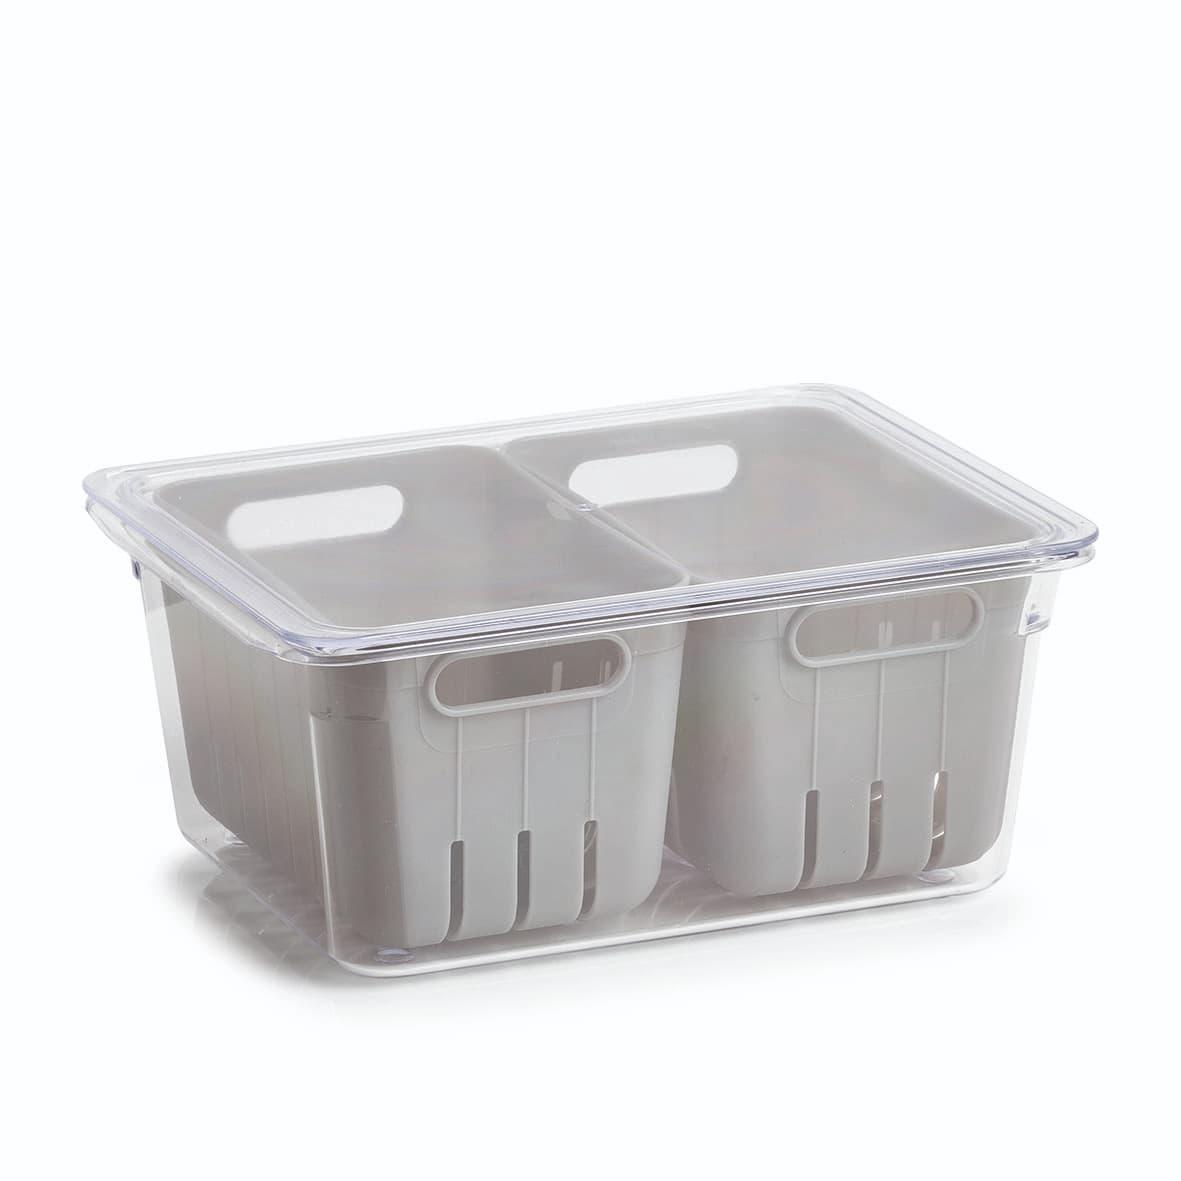 Cutie depozitare pentru frigider, din plastic, Freeze Gri, L22,5xl17,5xH10 cm imagine